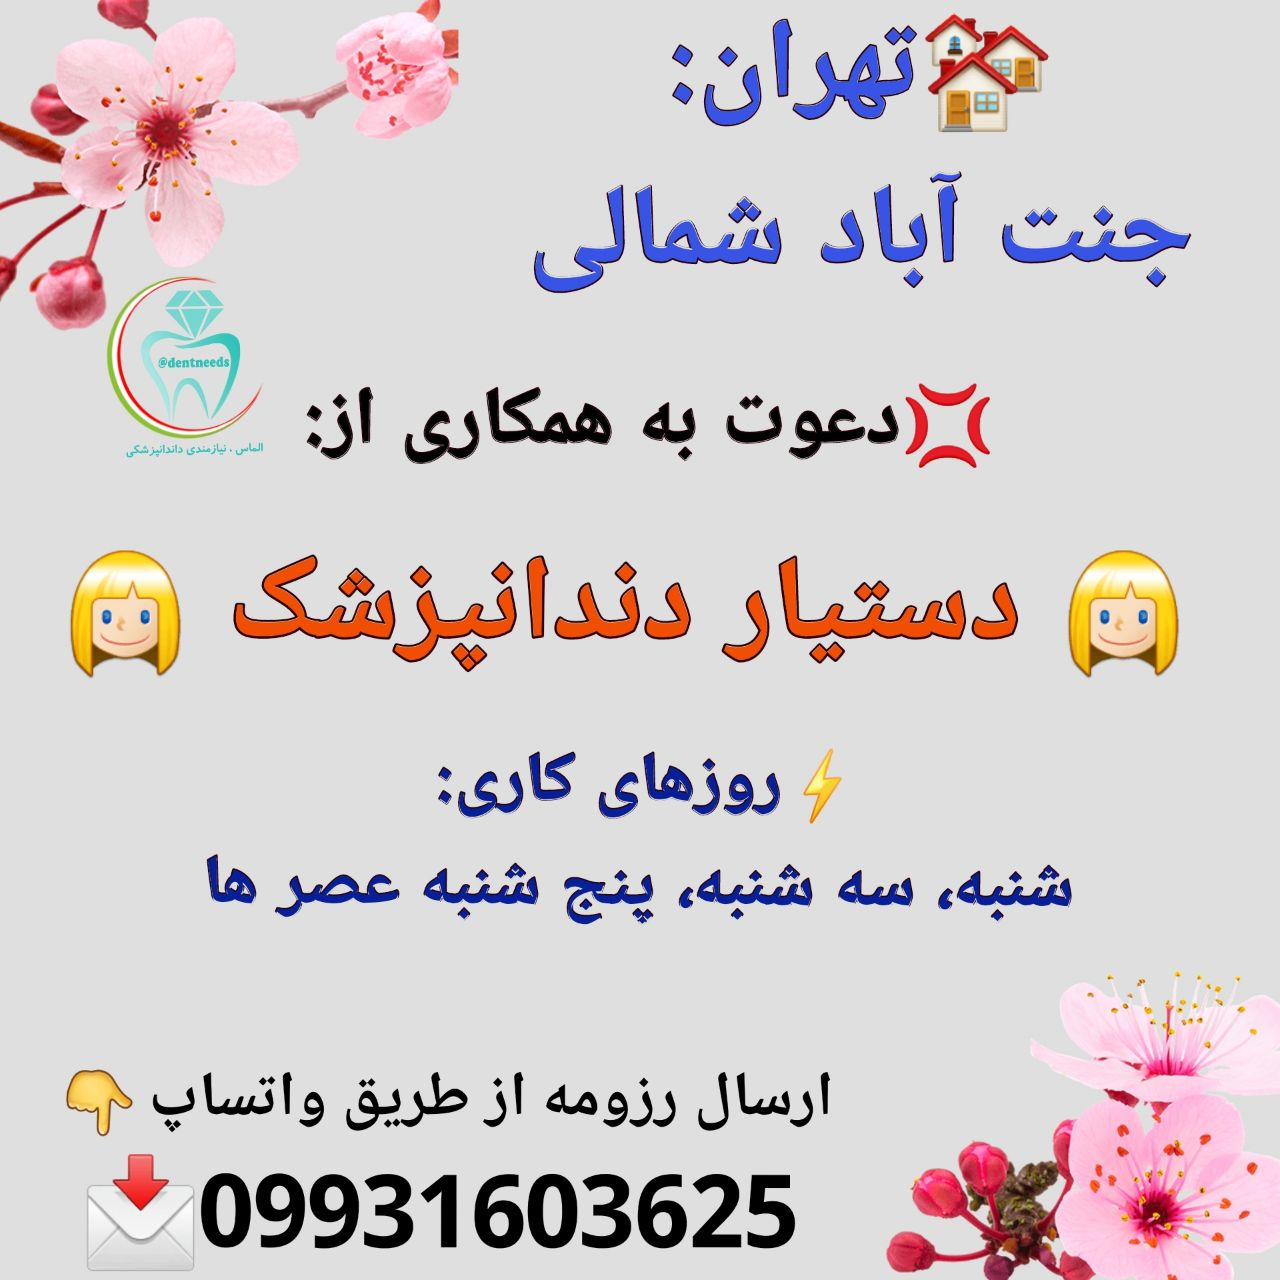 تهران: جنت آباد شمالی، دعوت به همکاری از دستیار دندانپزشک